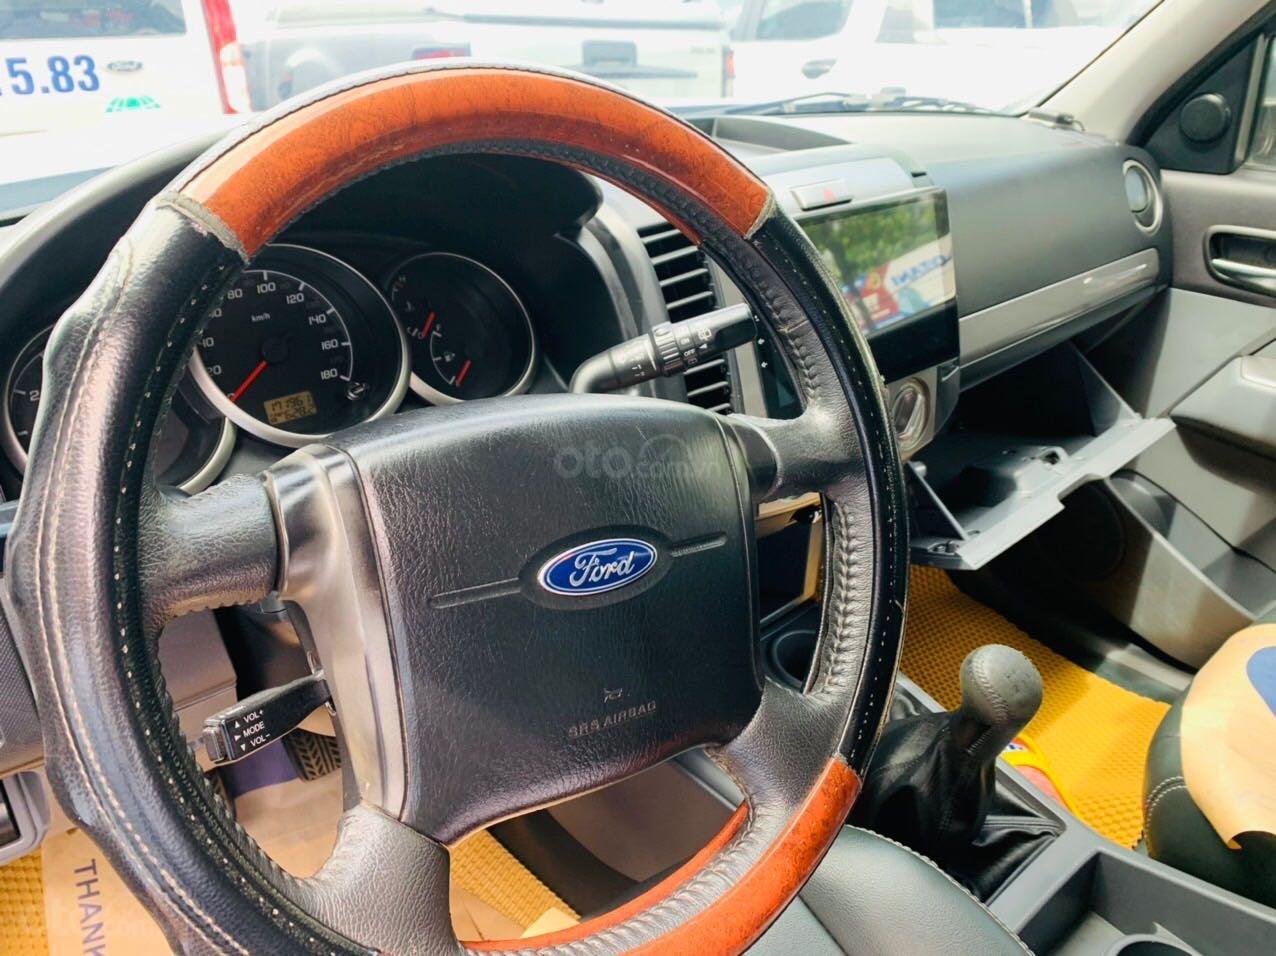 Bán Ford Everest đăng ký lần đầu 2013, màu bạc xe gia đình giá 515 triệu đồng (7)